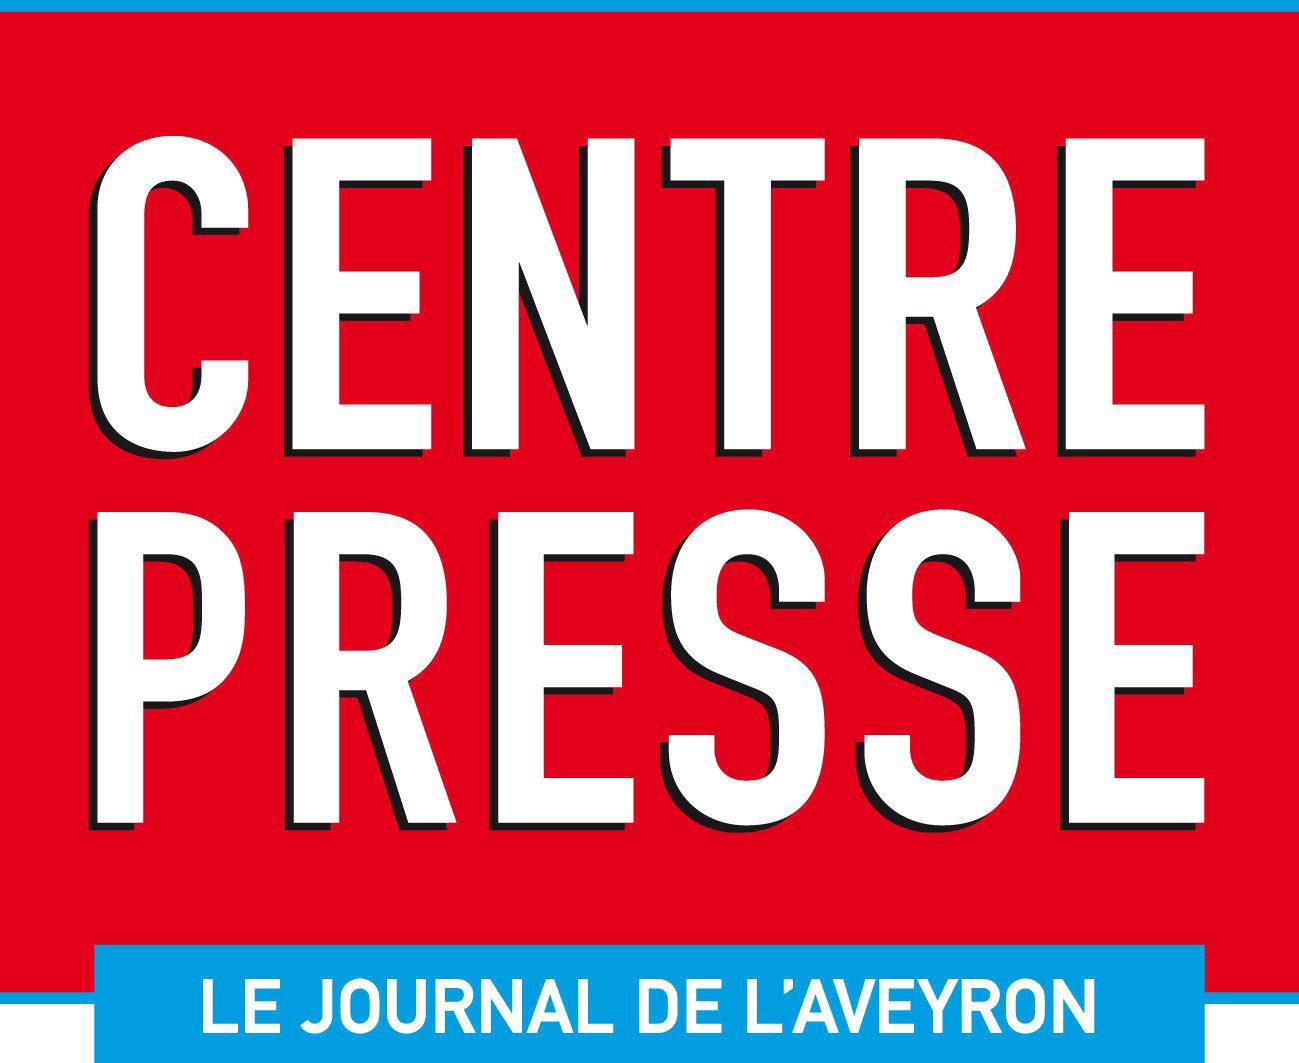 Artcile Centre Presse Aveyron Marcel Mezy Cantelauze Cahors